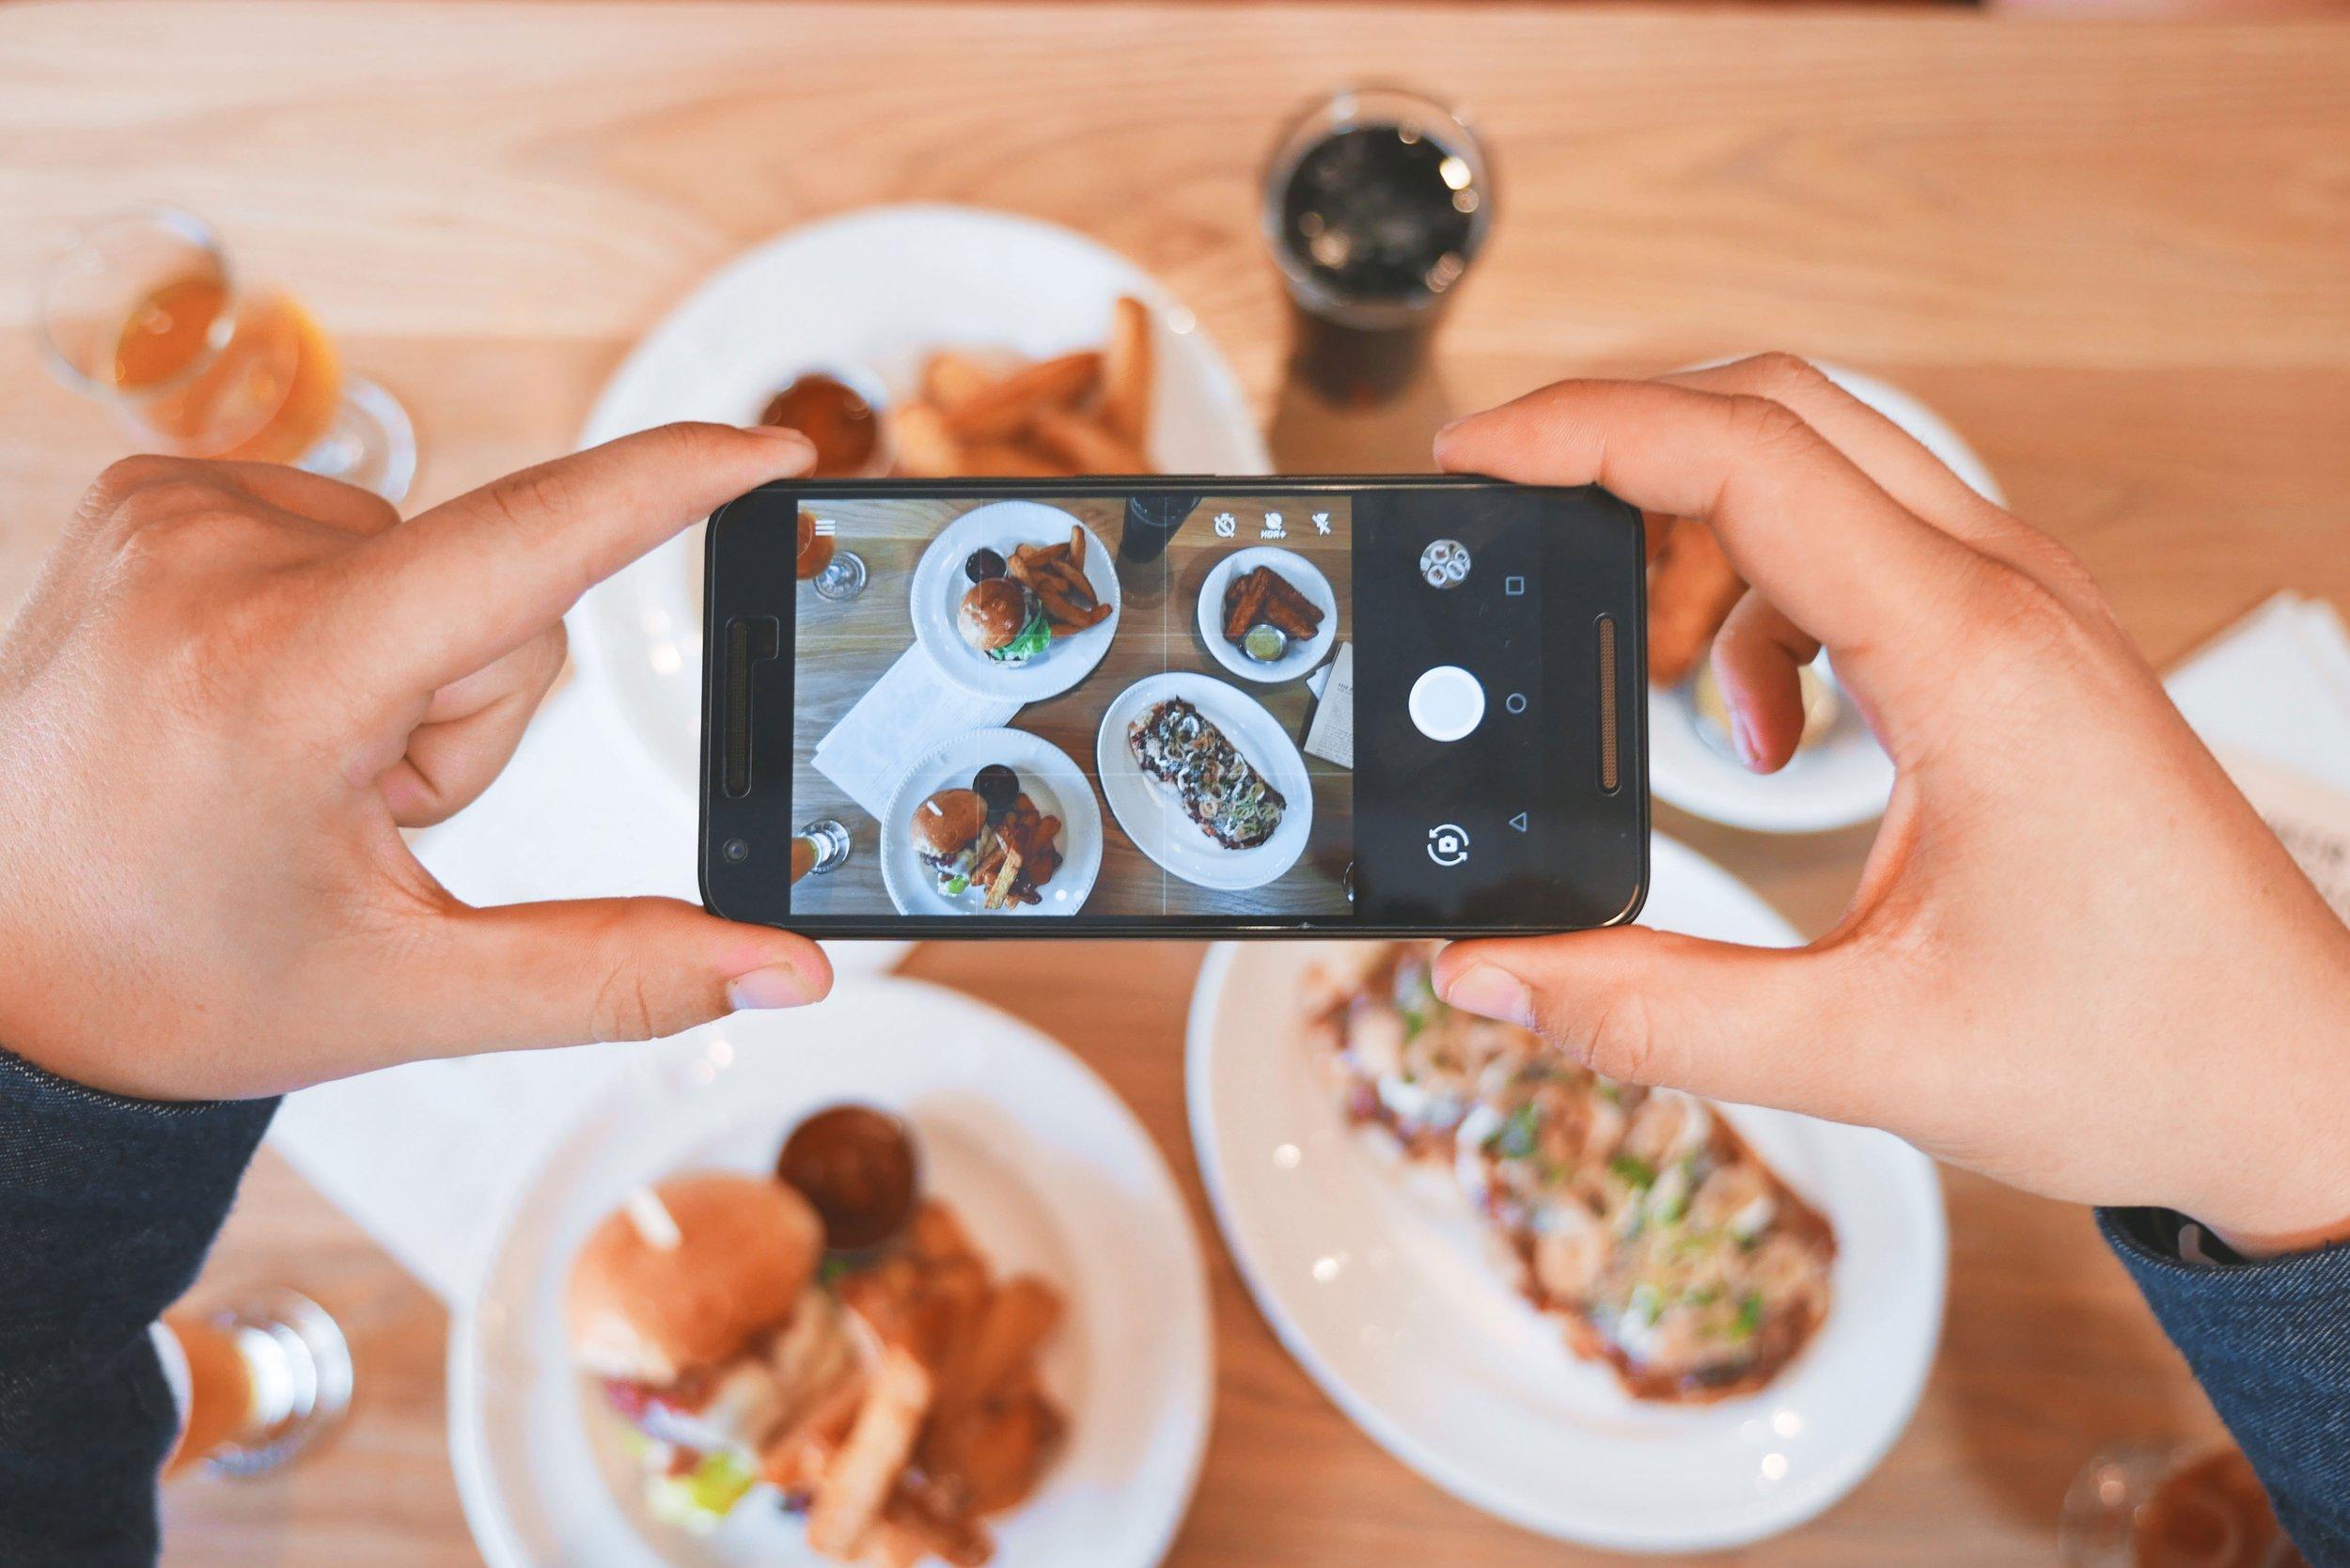 FOOD STUDIO AGENCY - Danmarks første influencer netværk for kokke og gastronomiske pionerer.